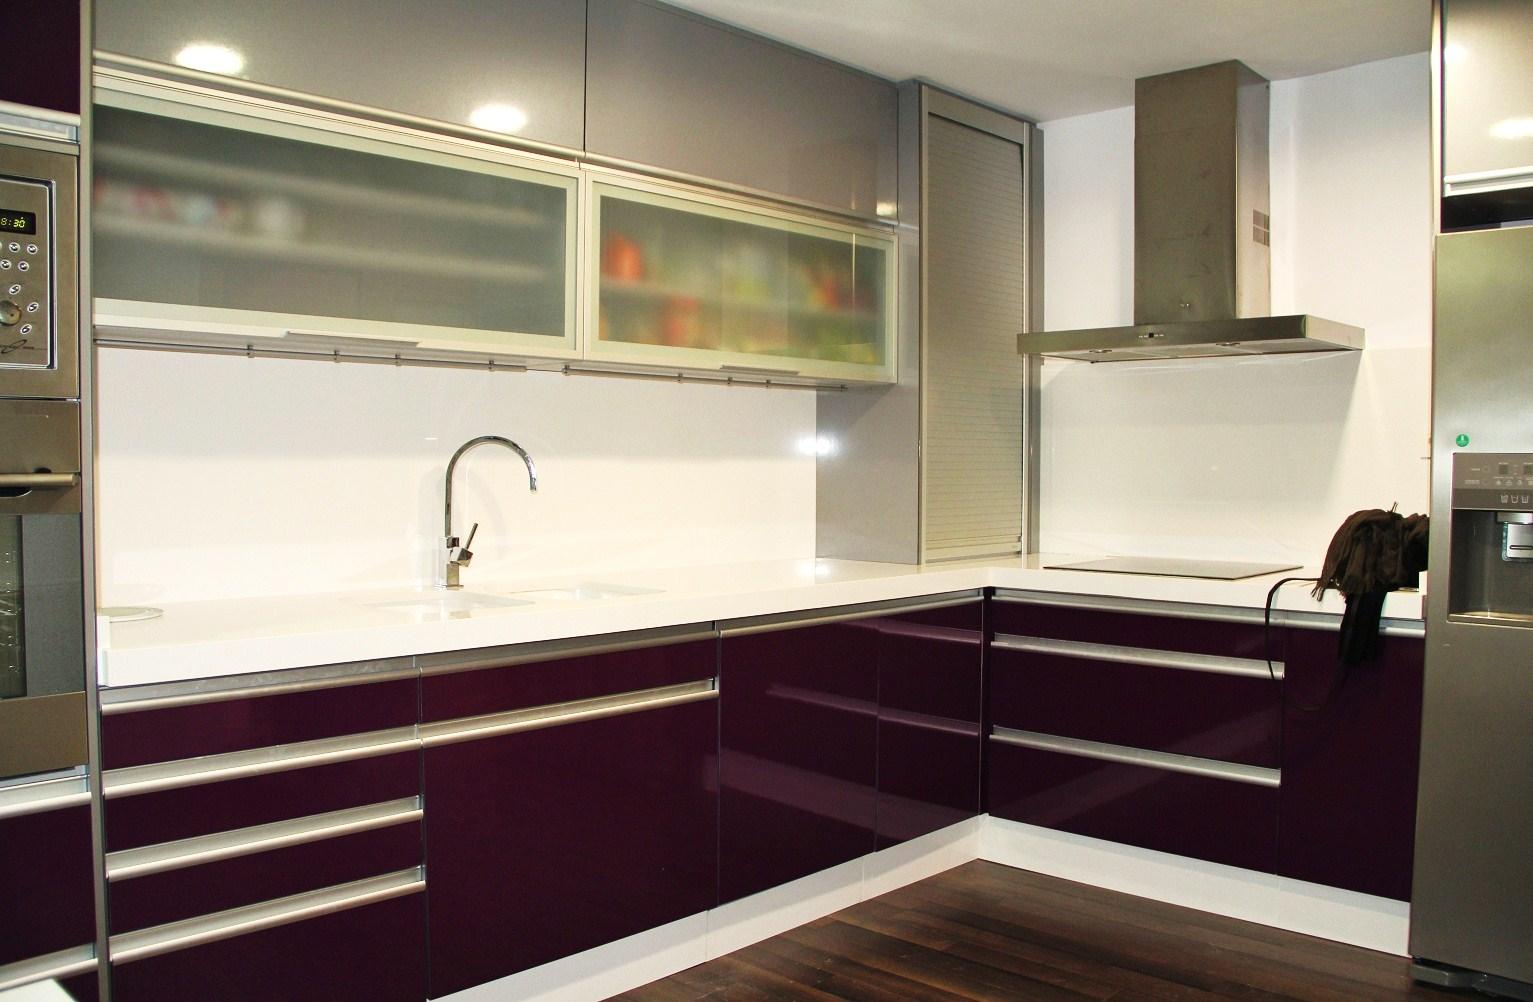 Dise o cocinas valencia y mobiliario para cocinas for Cocinas modernas valencia